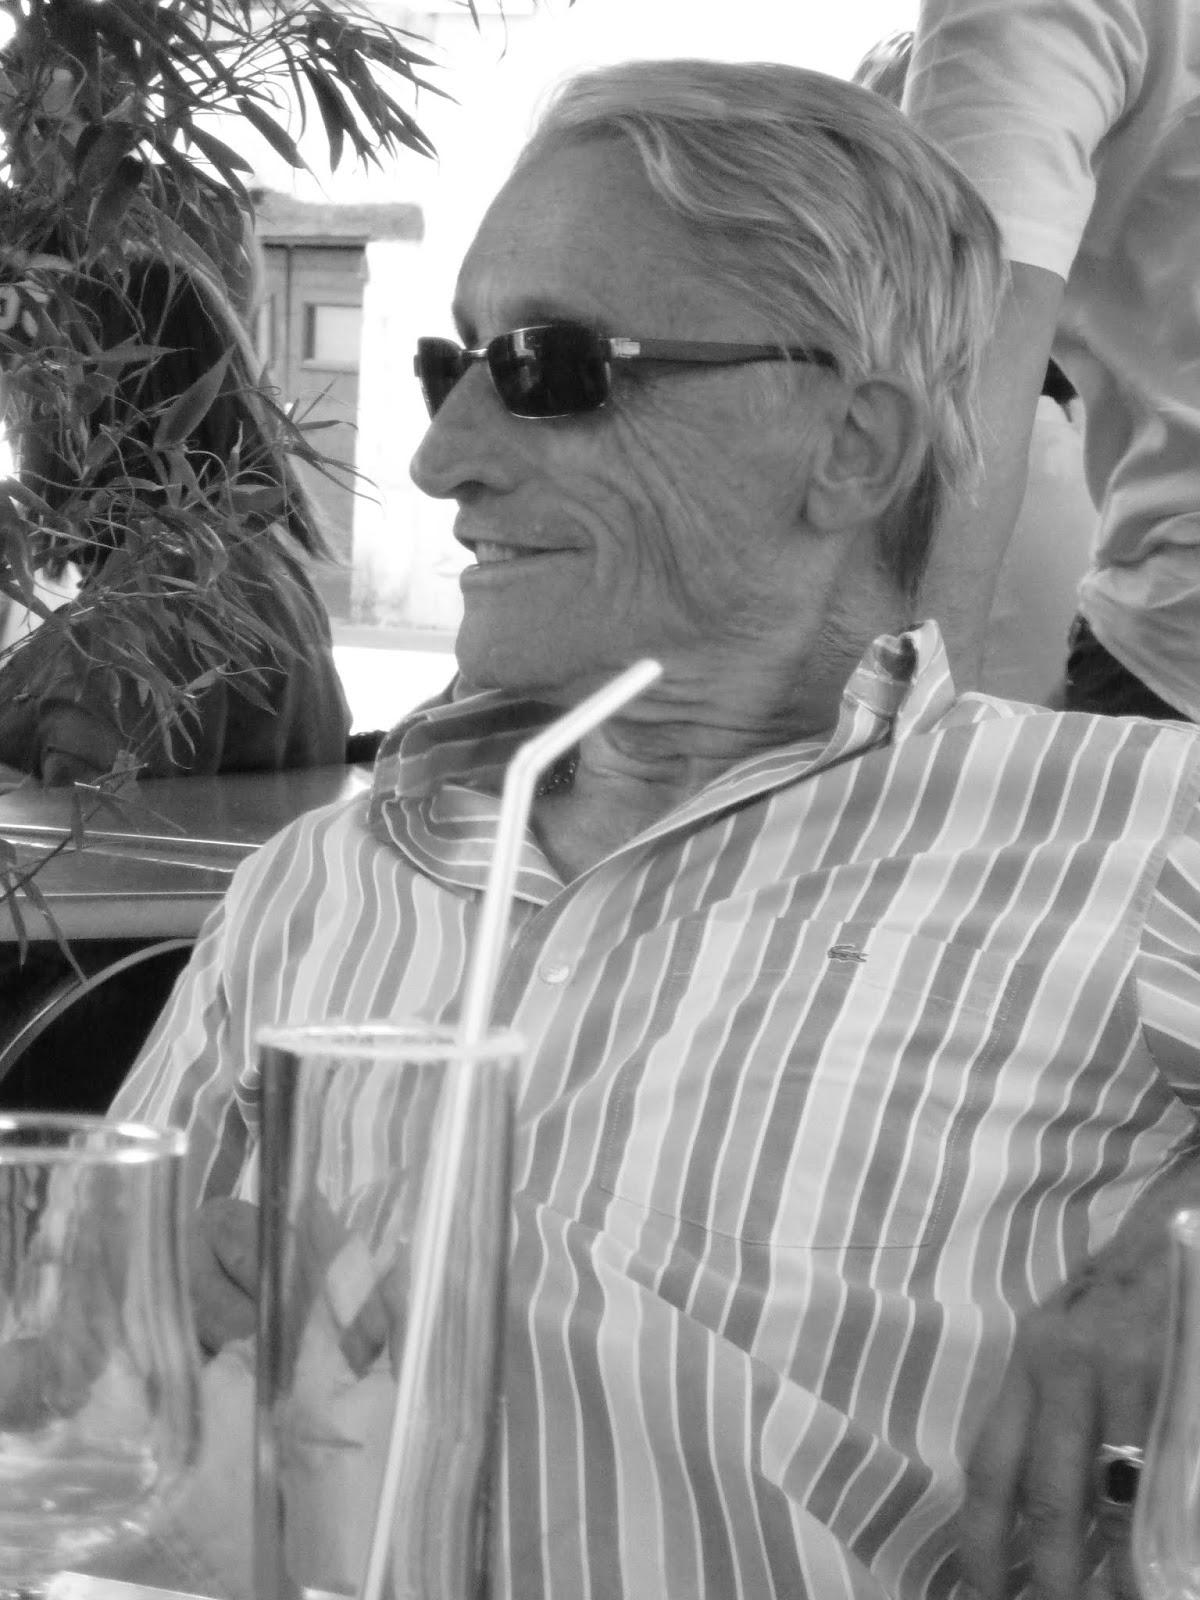 27th anniversaire il a fallu 27 ans à regarder cette bonne t shirt papa père grand-père cadeau